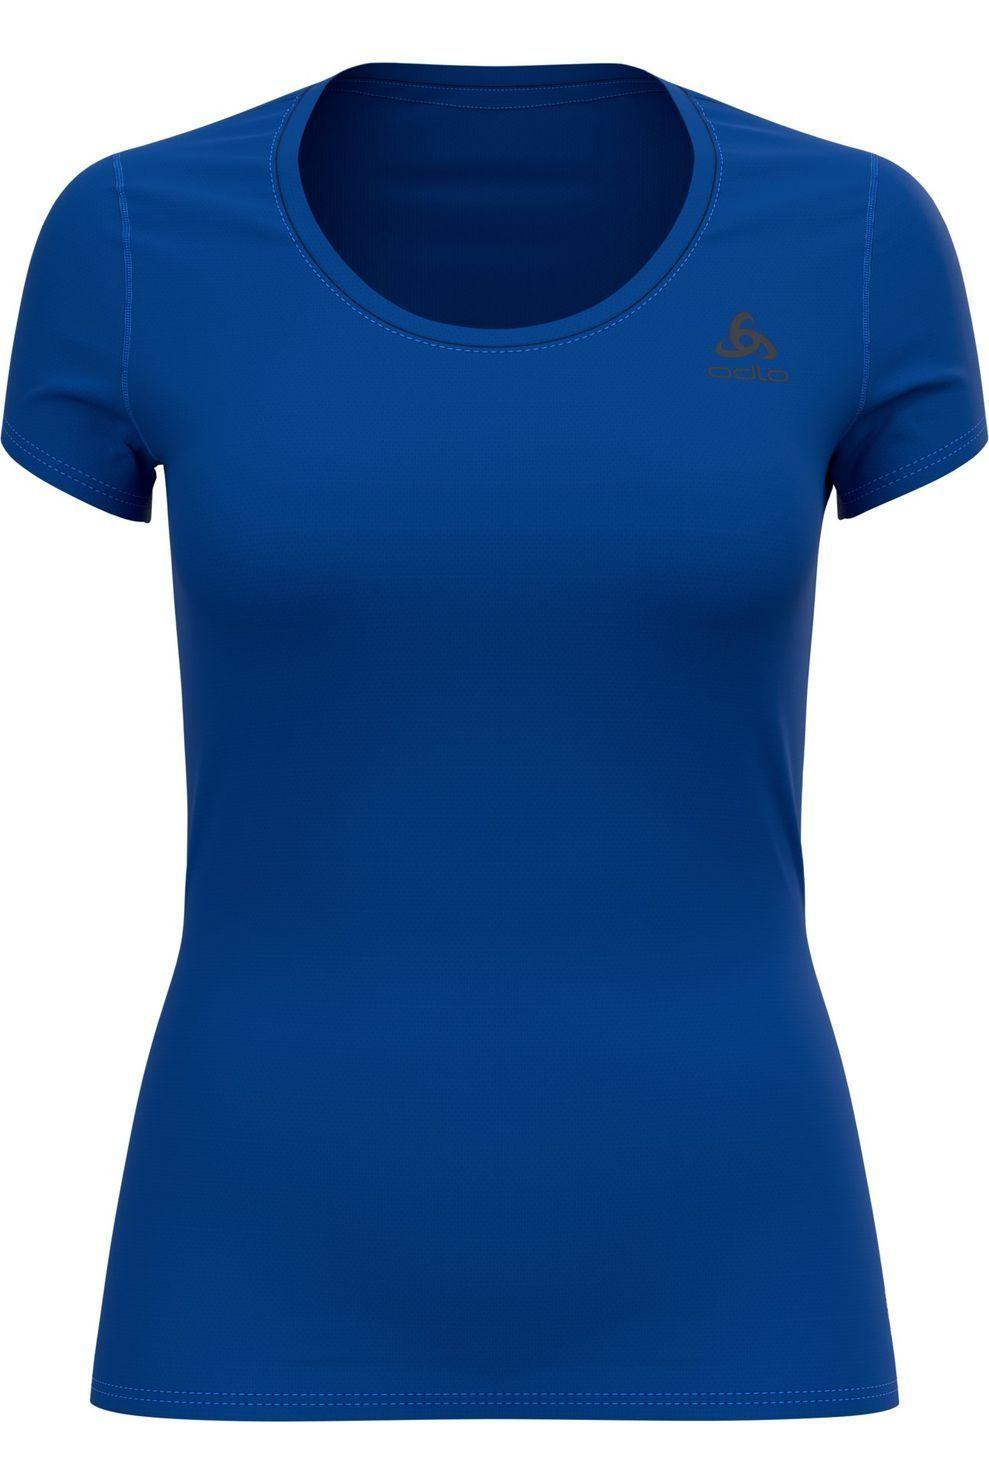 Odlo Ondergoed Odlo Active F-Dry Light Shirt S/S voor dames - Blauw - Maten: XS, S, XL